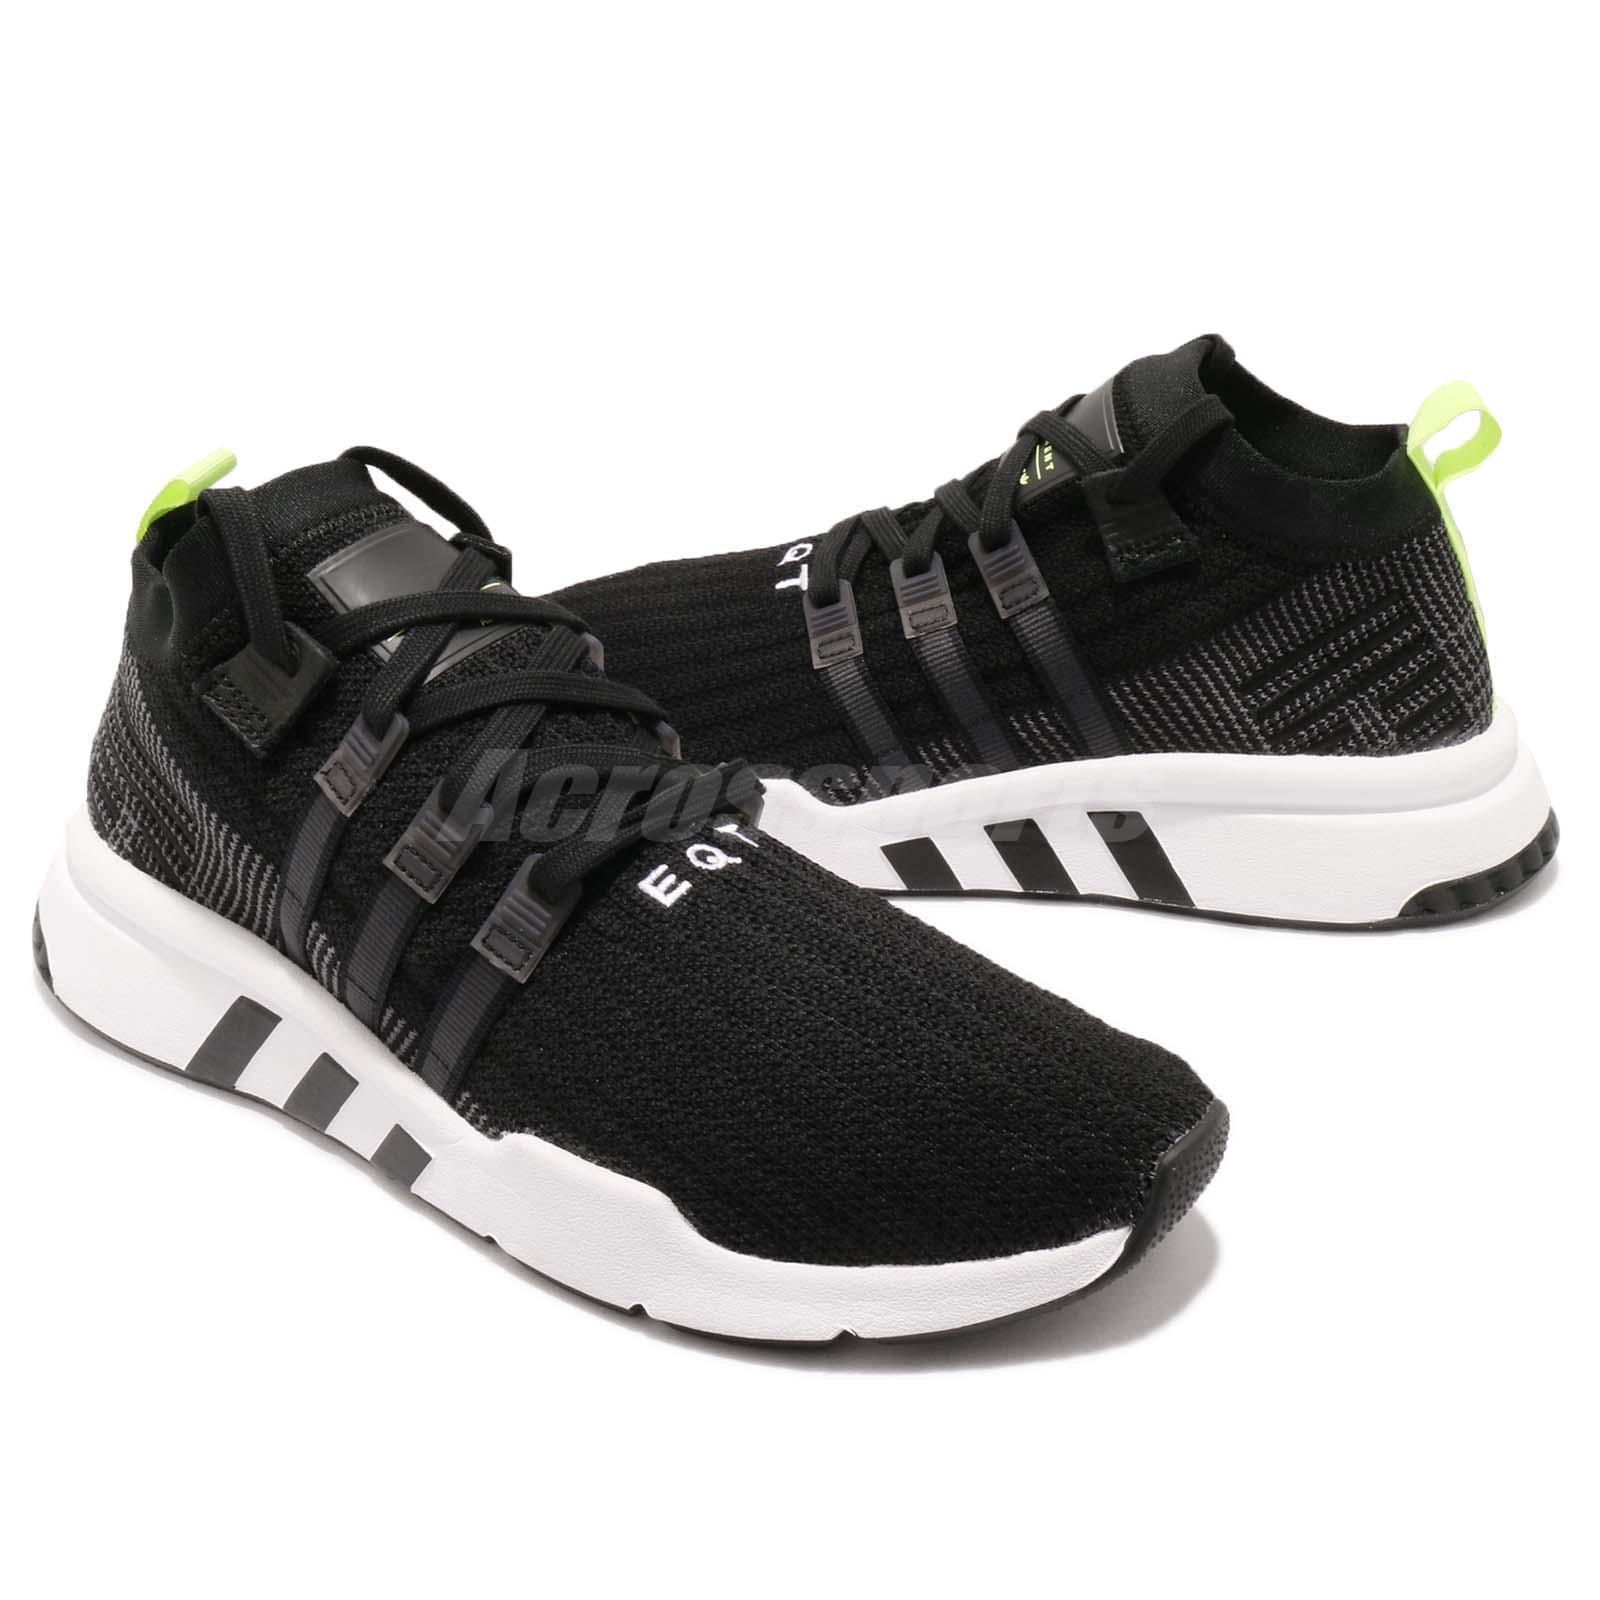 hot sales 14477 428c5 adidas Originals EQT Support Mid ADV PK Primeknit Black Whit